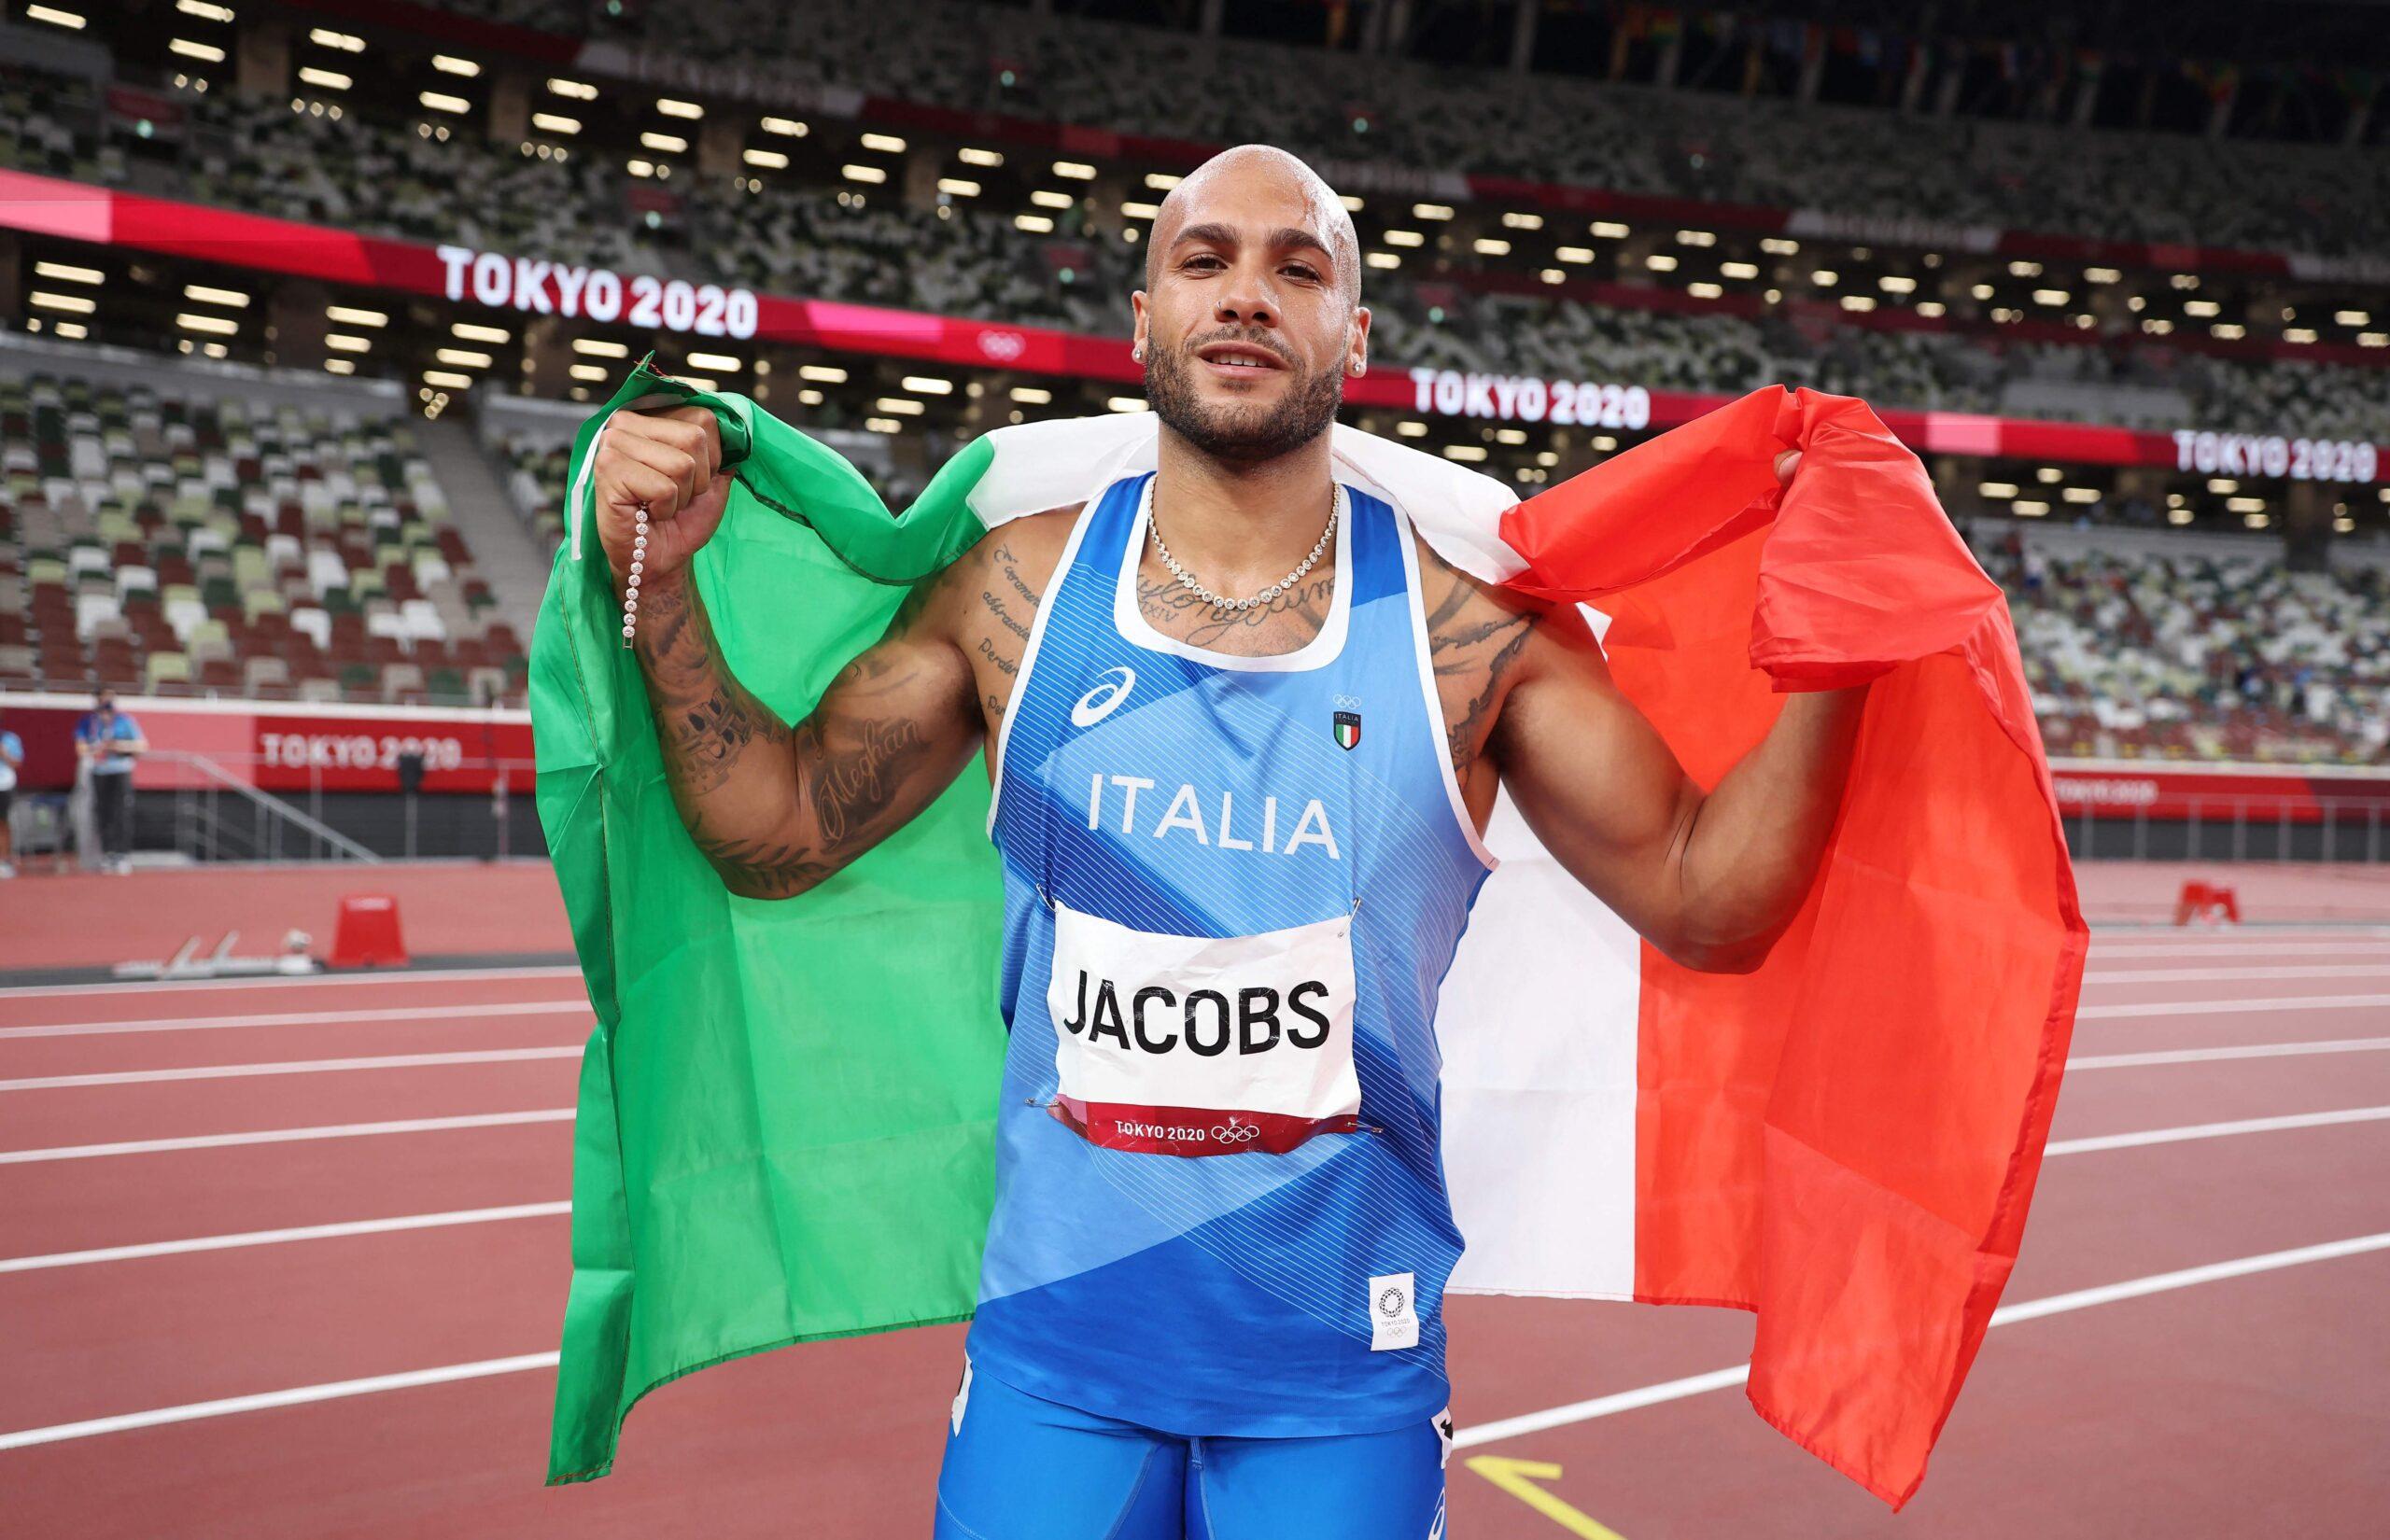 奥运百米冠军雅各布斯是谁?三年前,他还是一个练跳远的